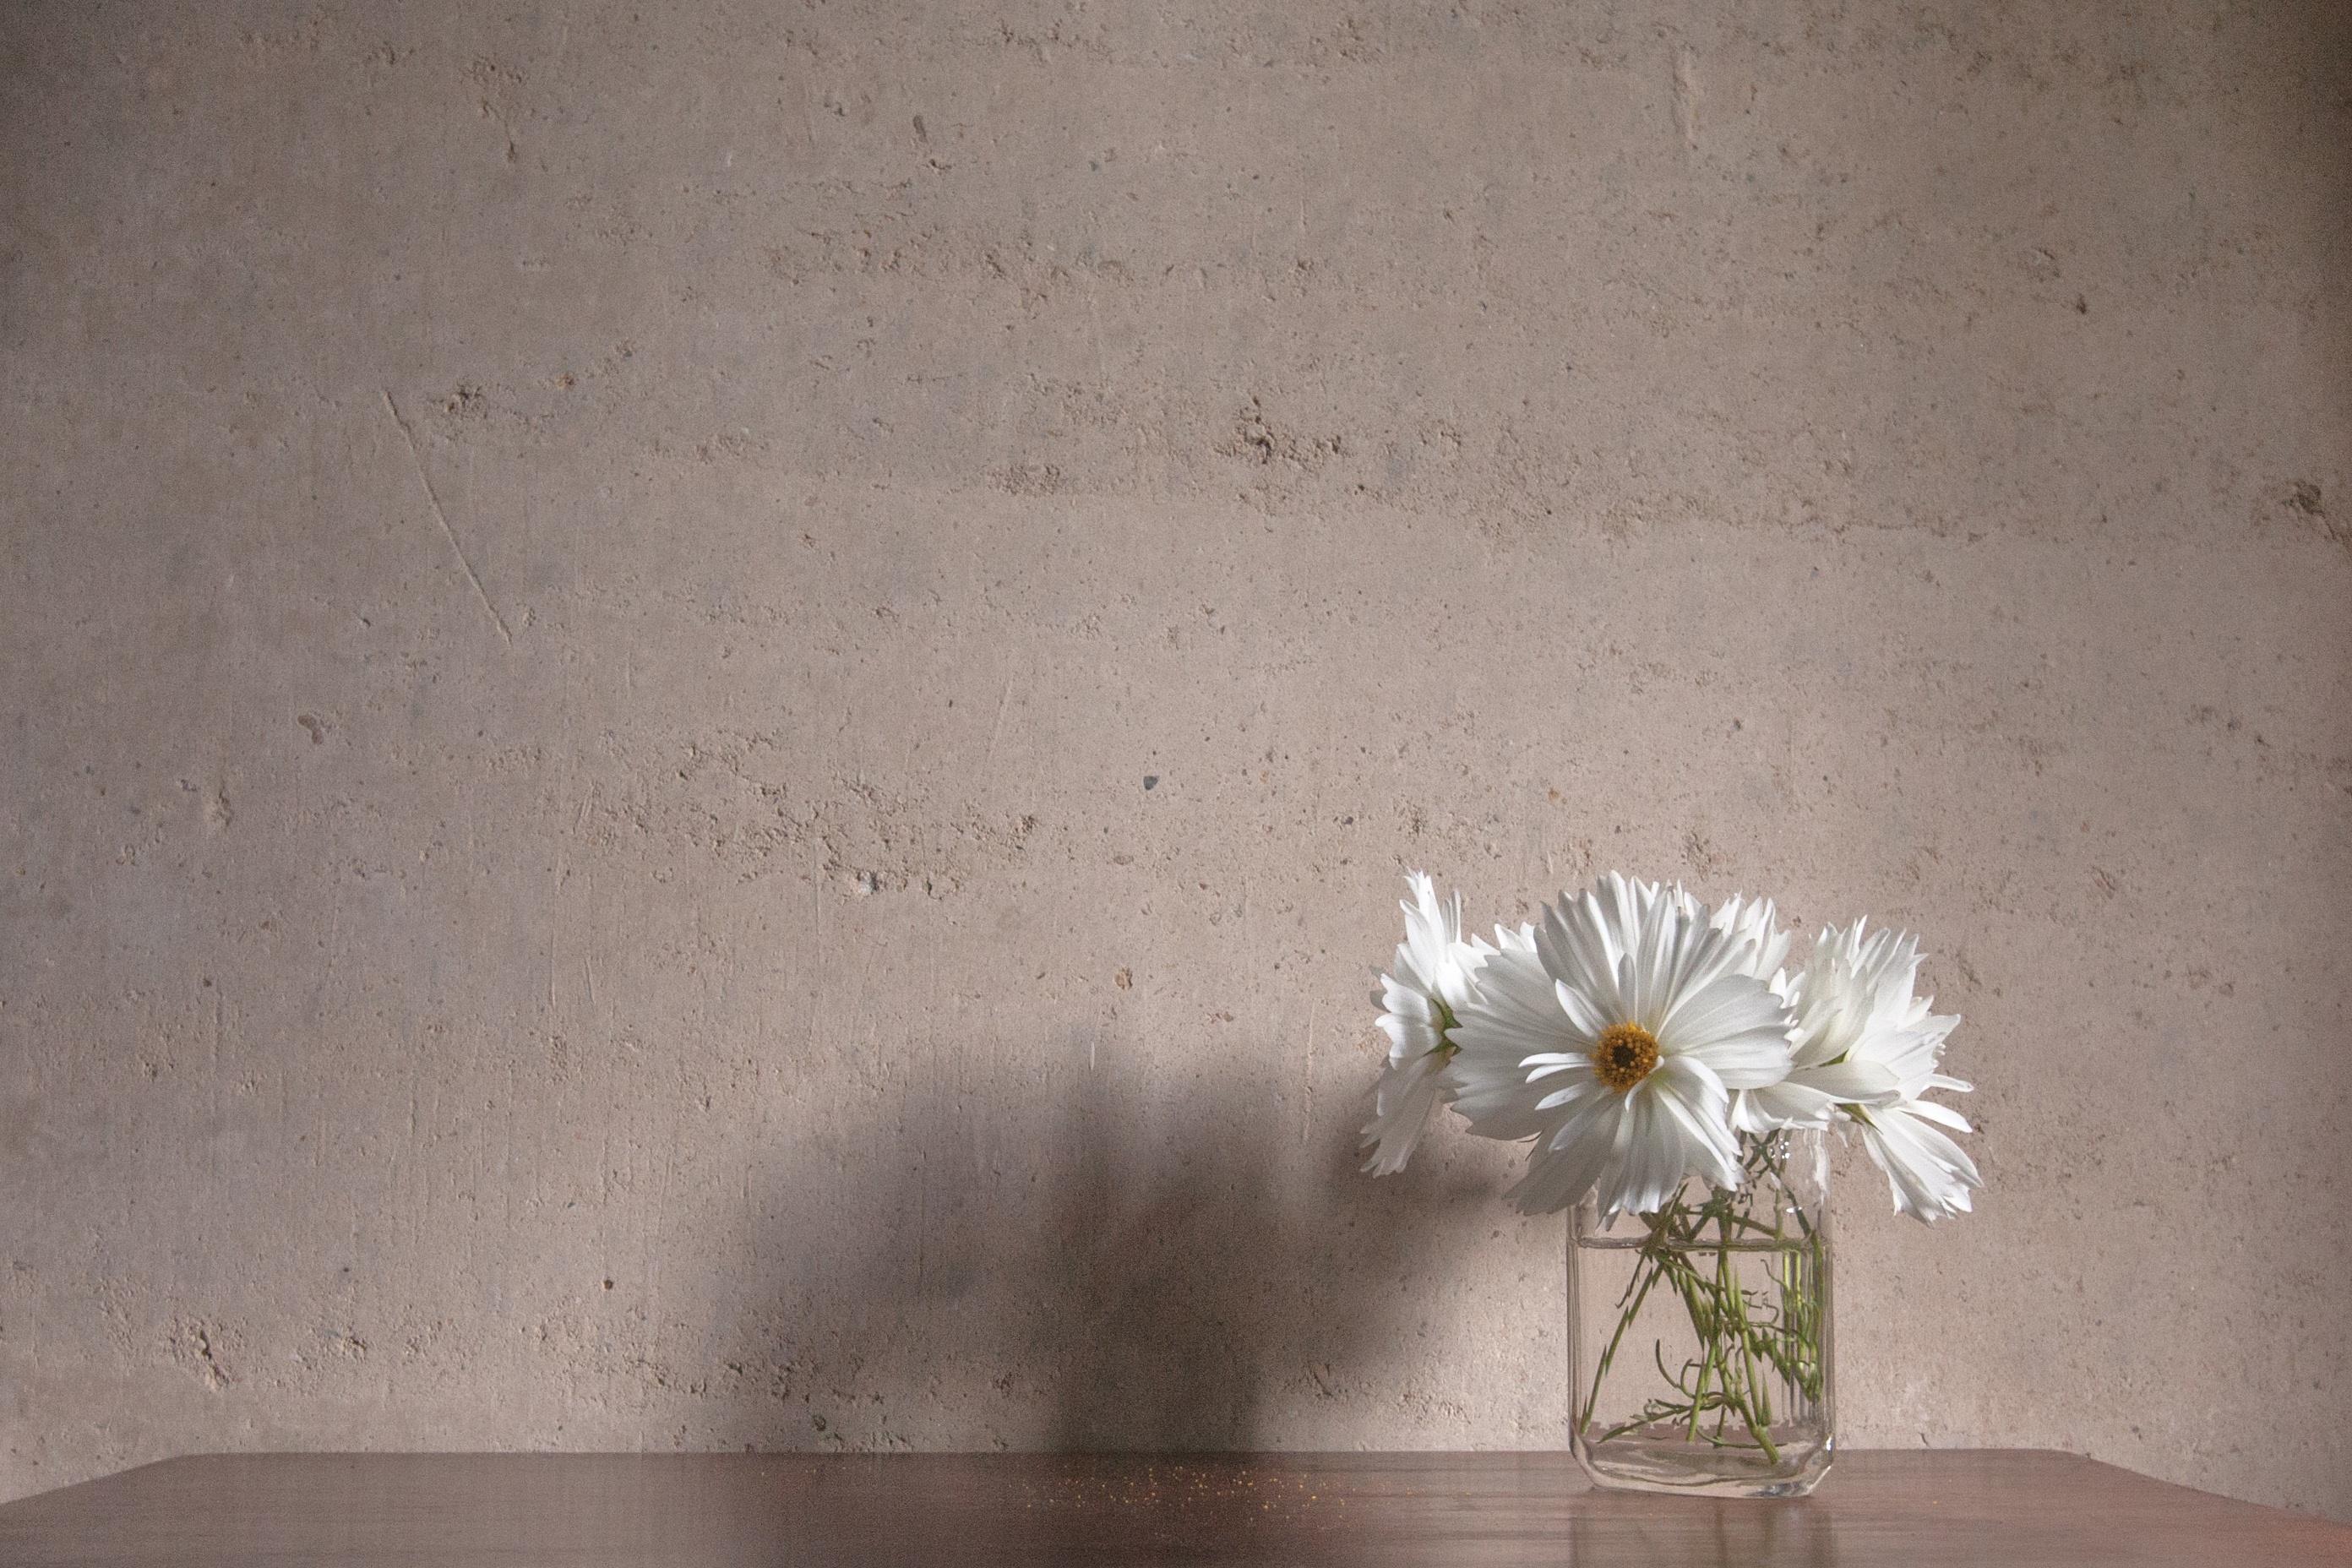 Free Images Light White Flower Floor Wall Ceiling Lighting